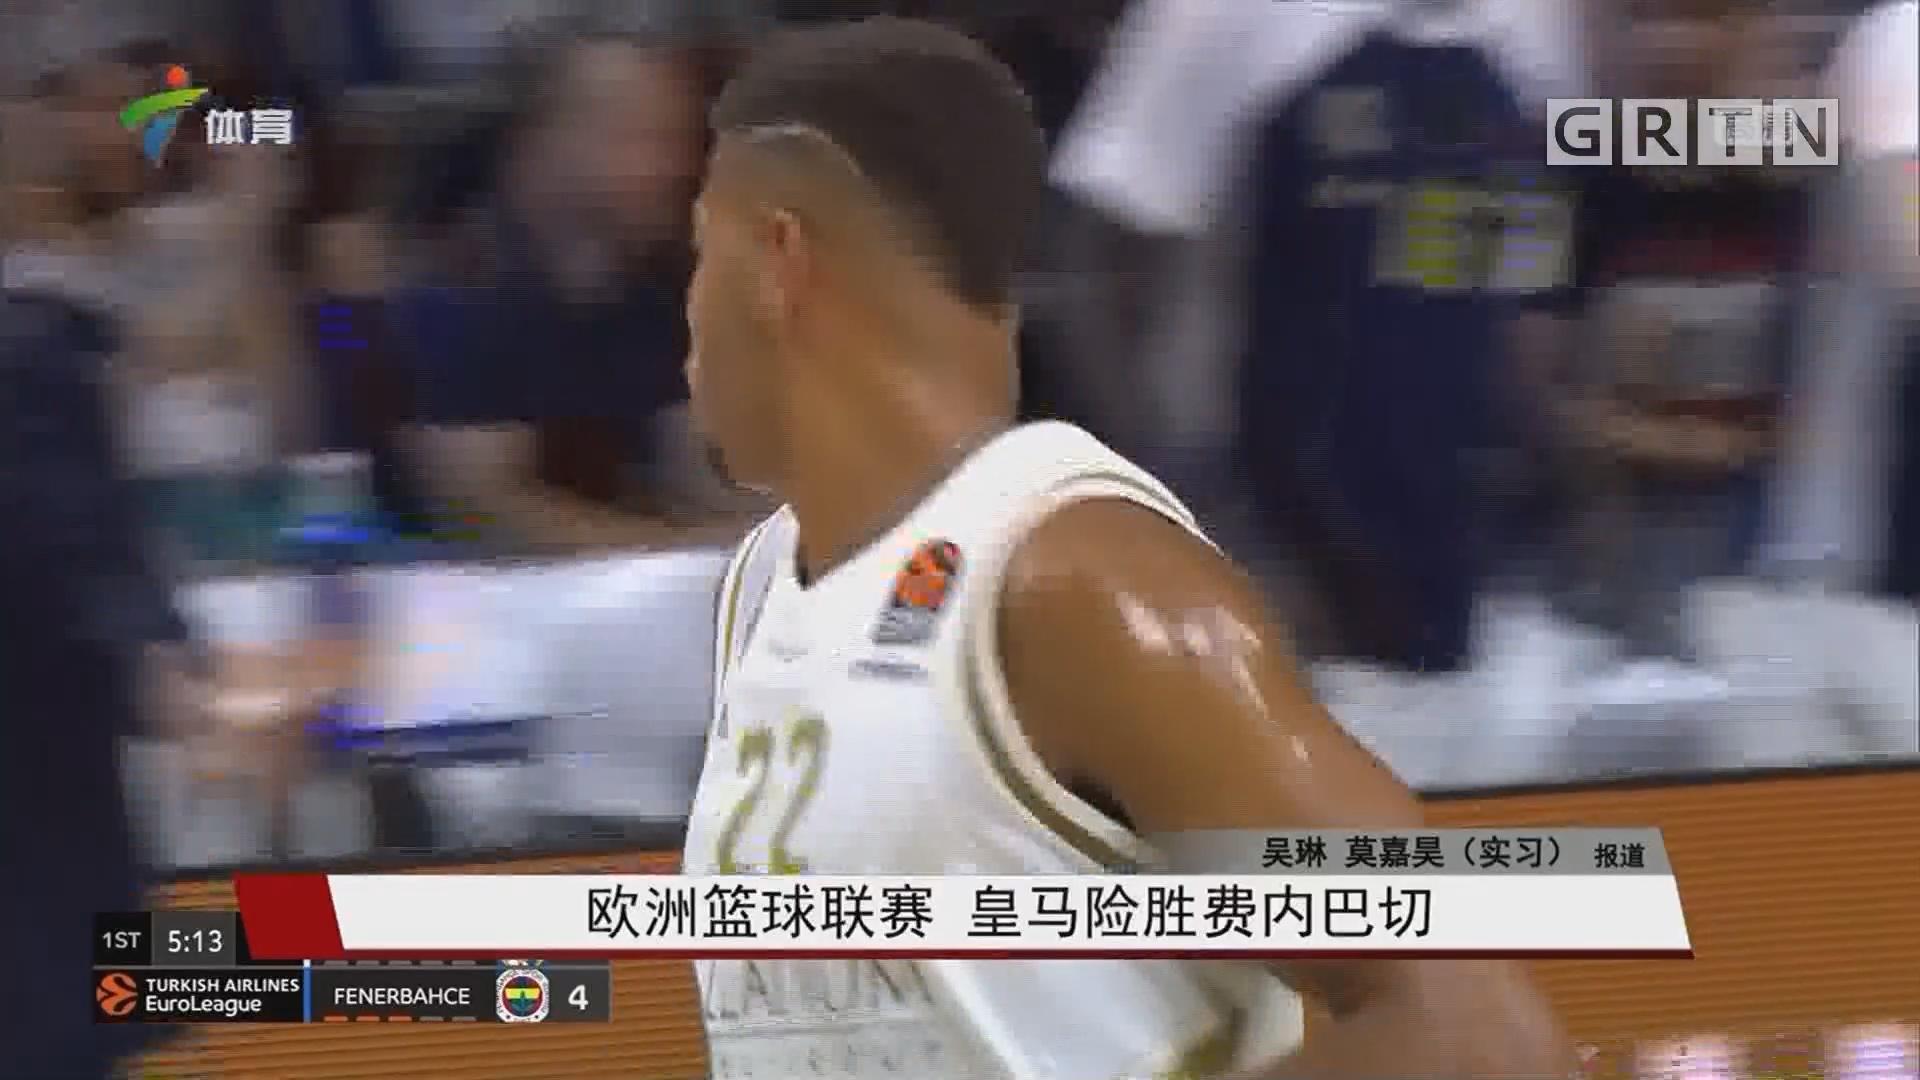 歐洲籃球聯賽 皇馬險勝費內巴切